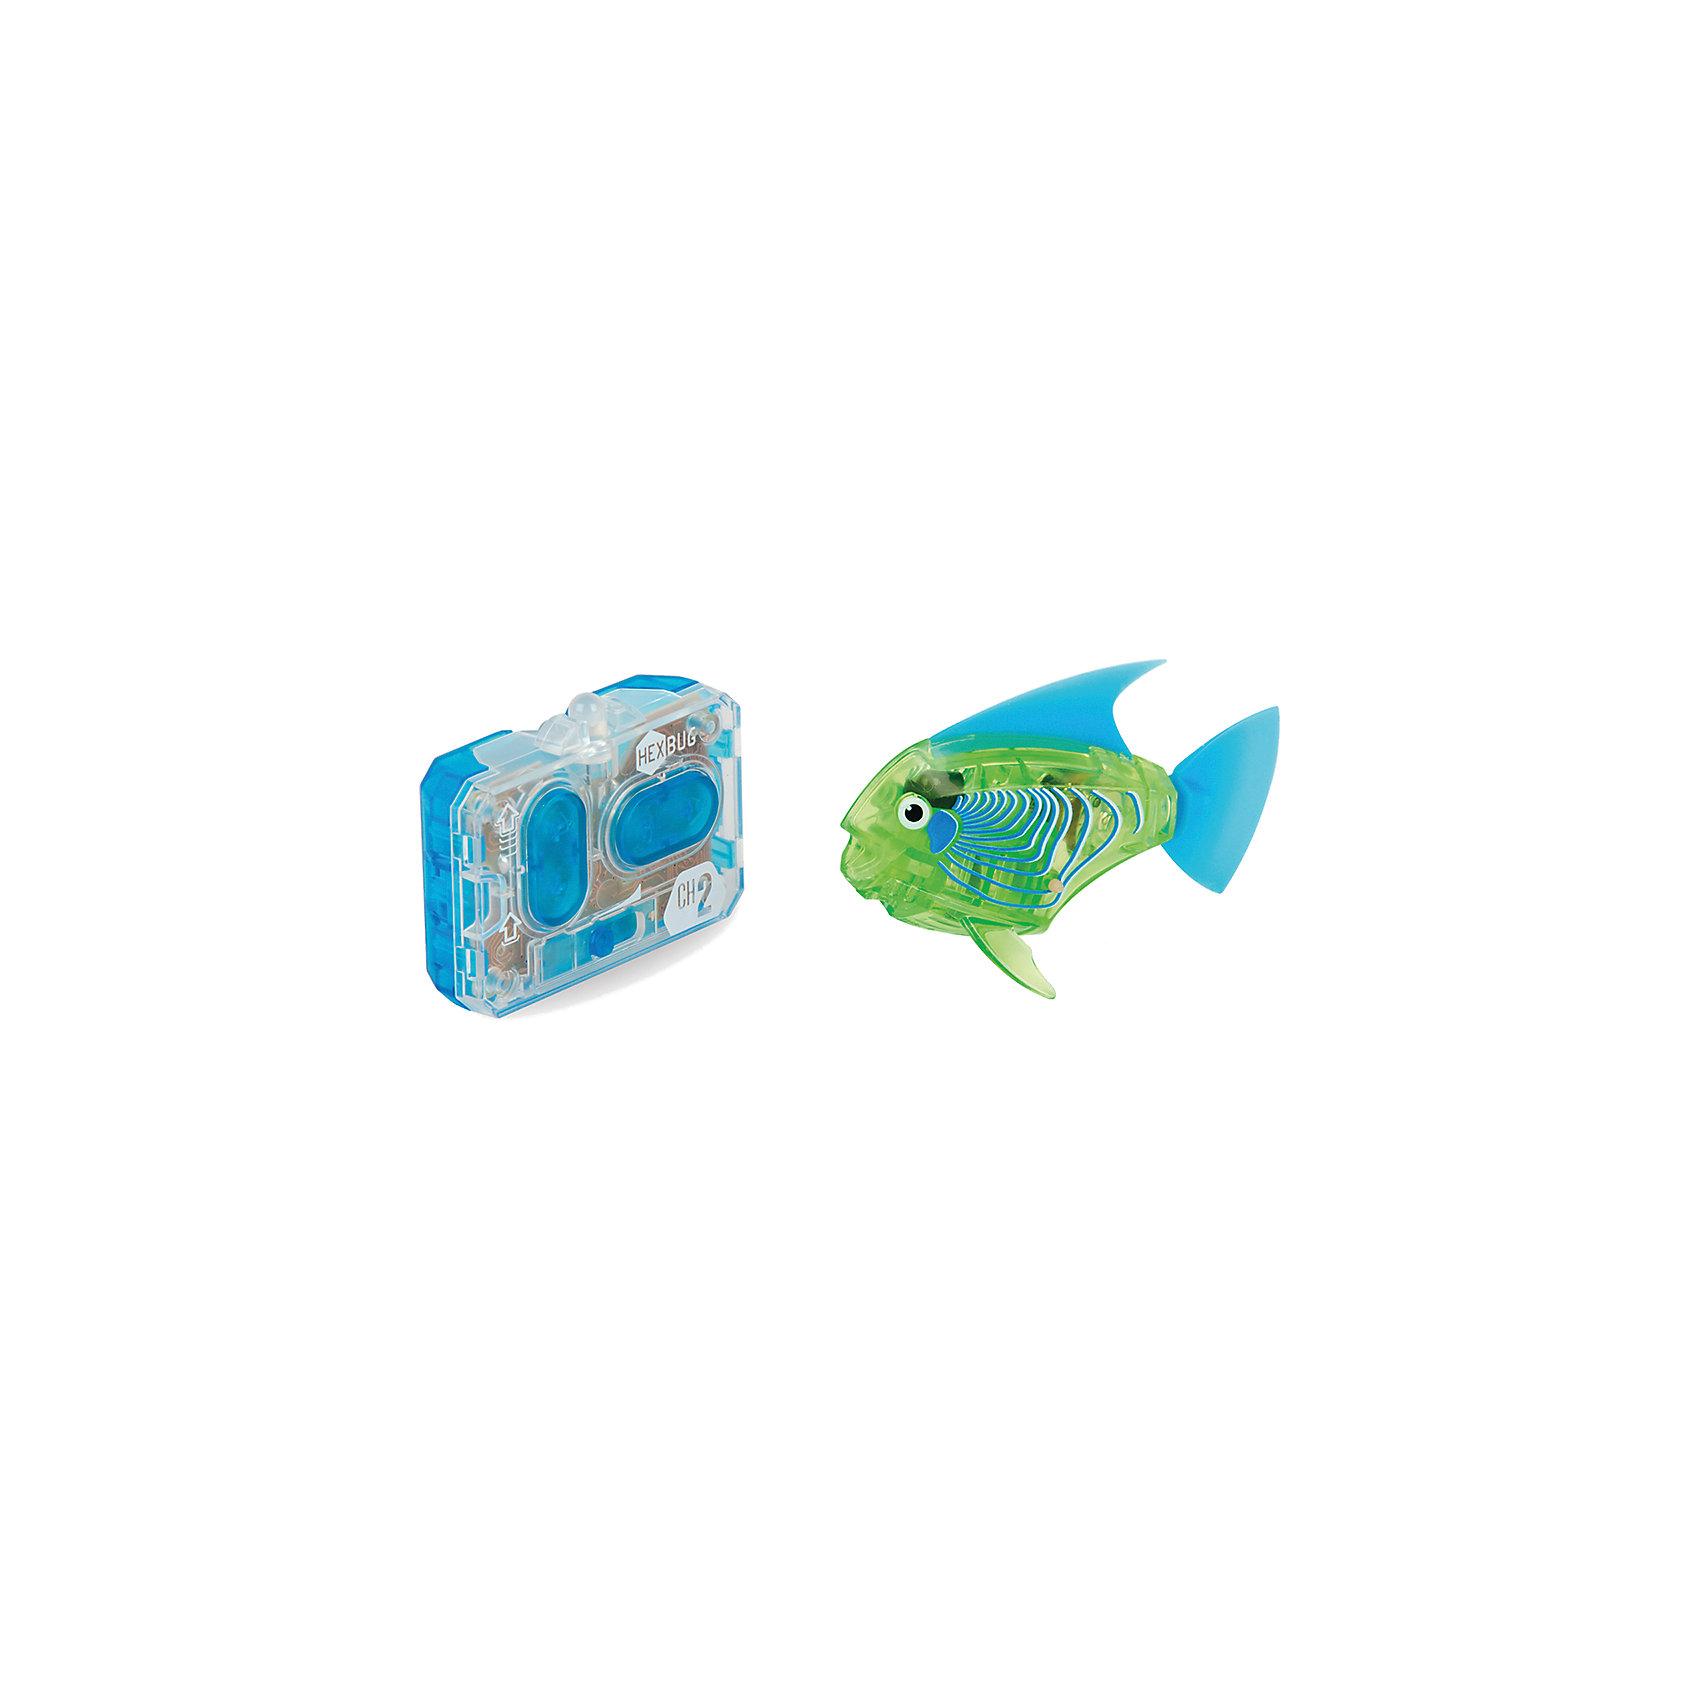 Микро-робот Aqua Bot, зеленый, HexbugИнтерактивные животные<br><br><br>Ширина мм: 160<br>Глубина мм: 90<br>Высота мм: 120<br>Вес г: 85<br>Возраст от месяцев: 36<br>Возраст до месяцев: 2147483647<br>Пол: Унисекс<br>Возраст: Детский<br>SKU: 5507180